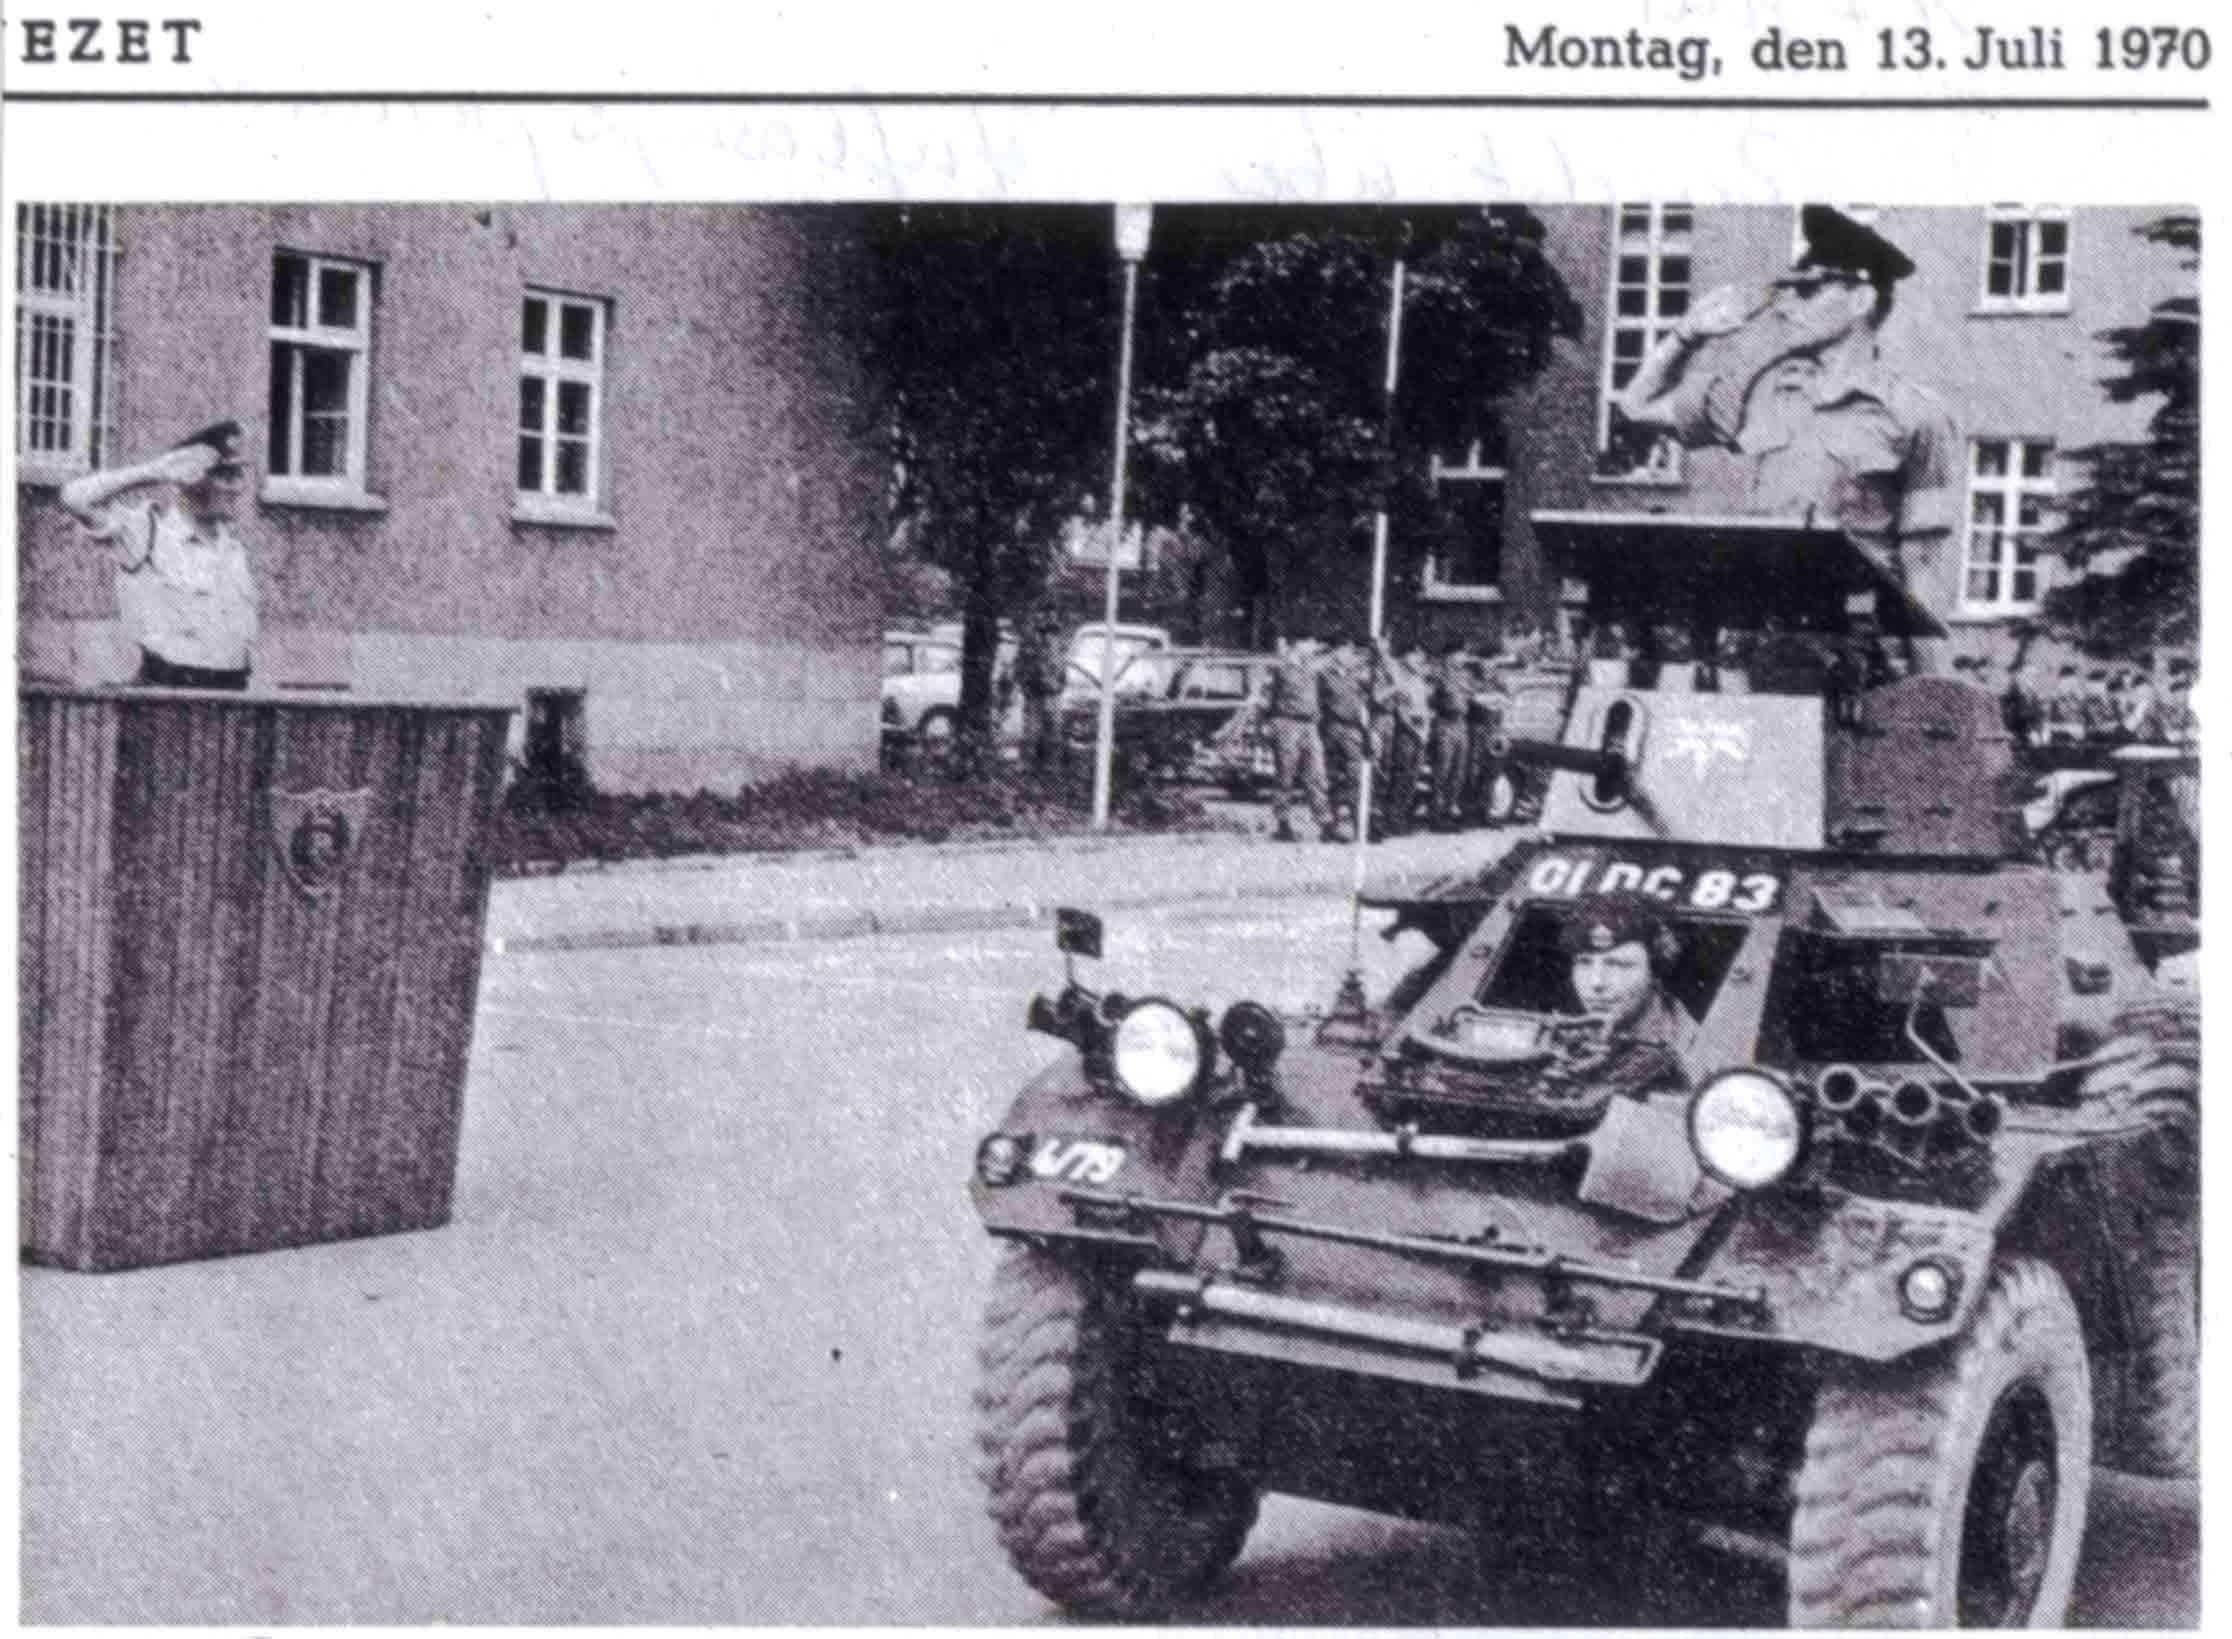 1970_07_13 Rausschmiss 001